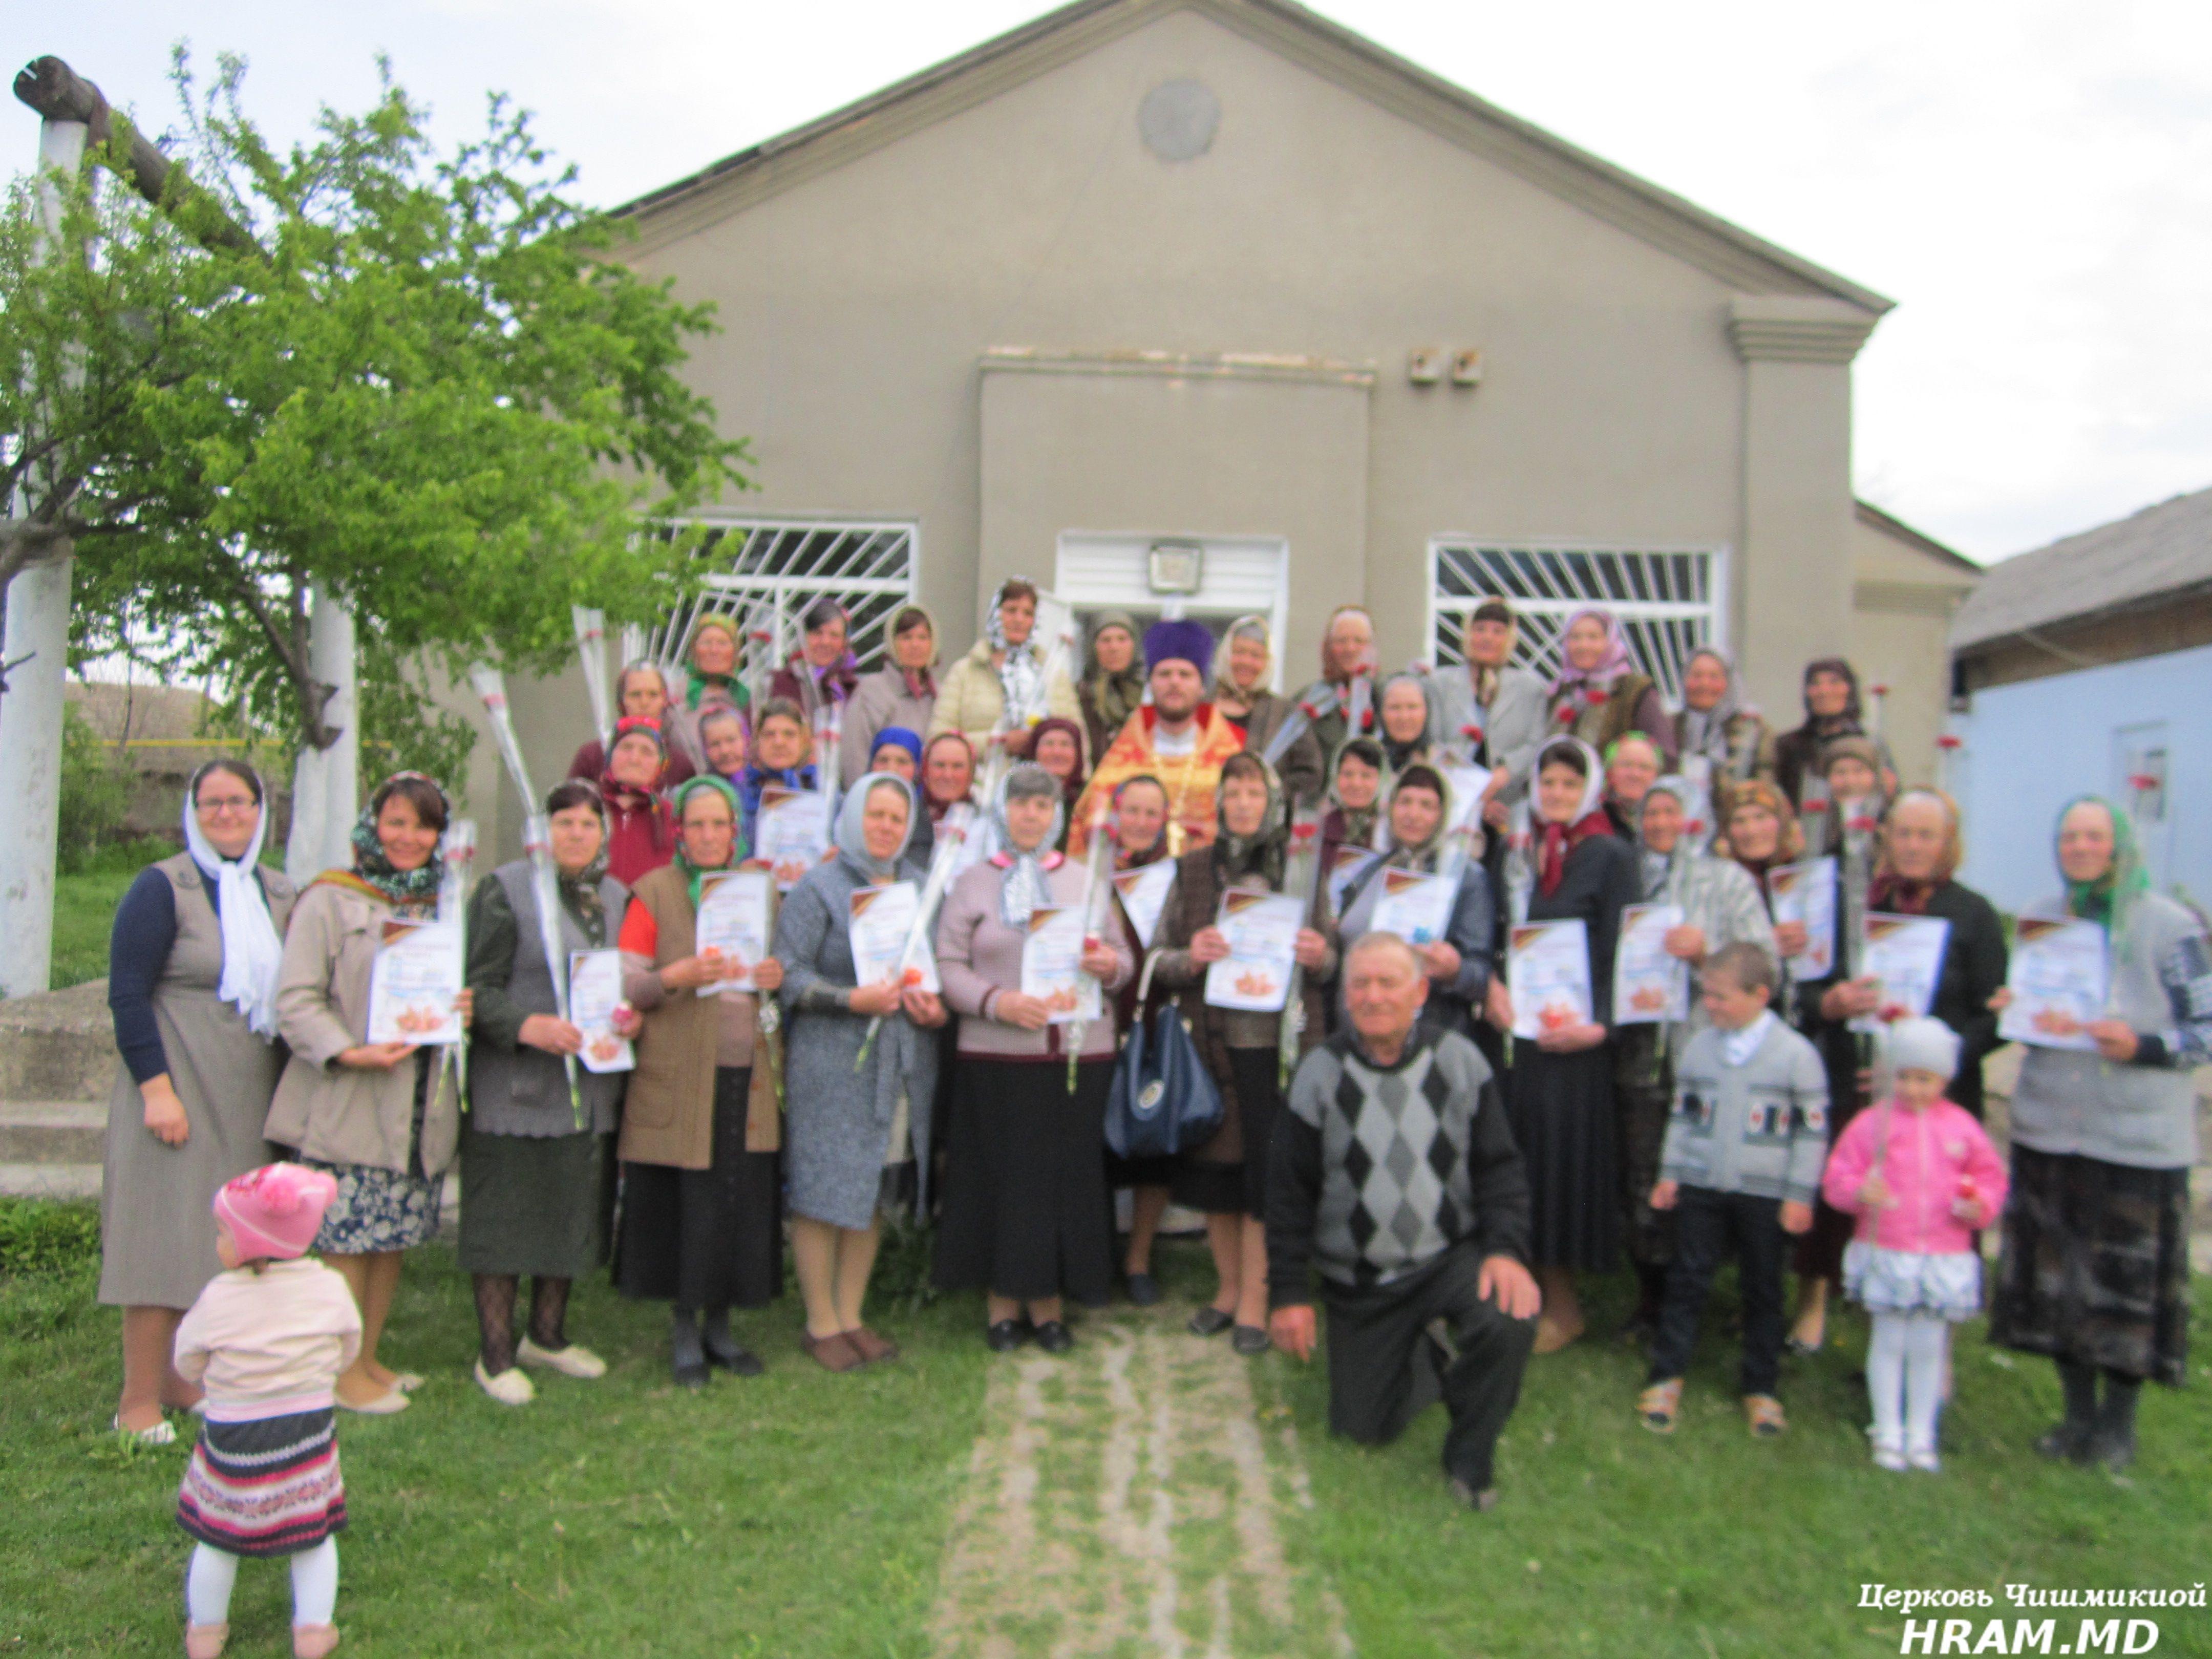 Православный женский день, жен-мироносиц отметили в храме Чишмикиой